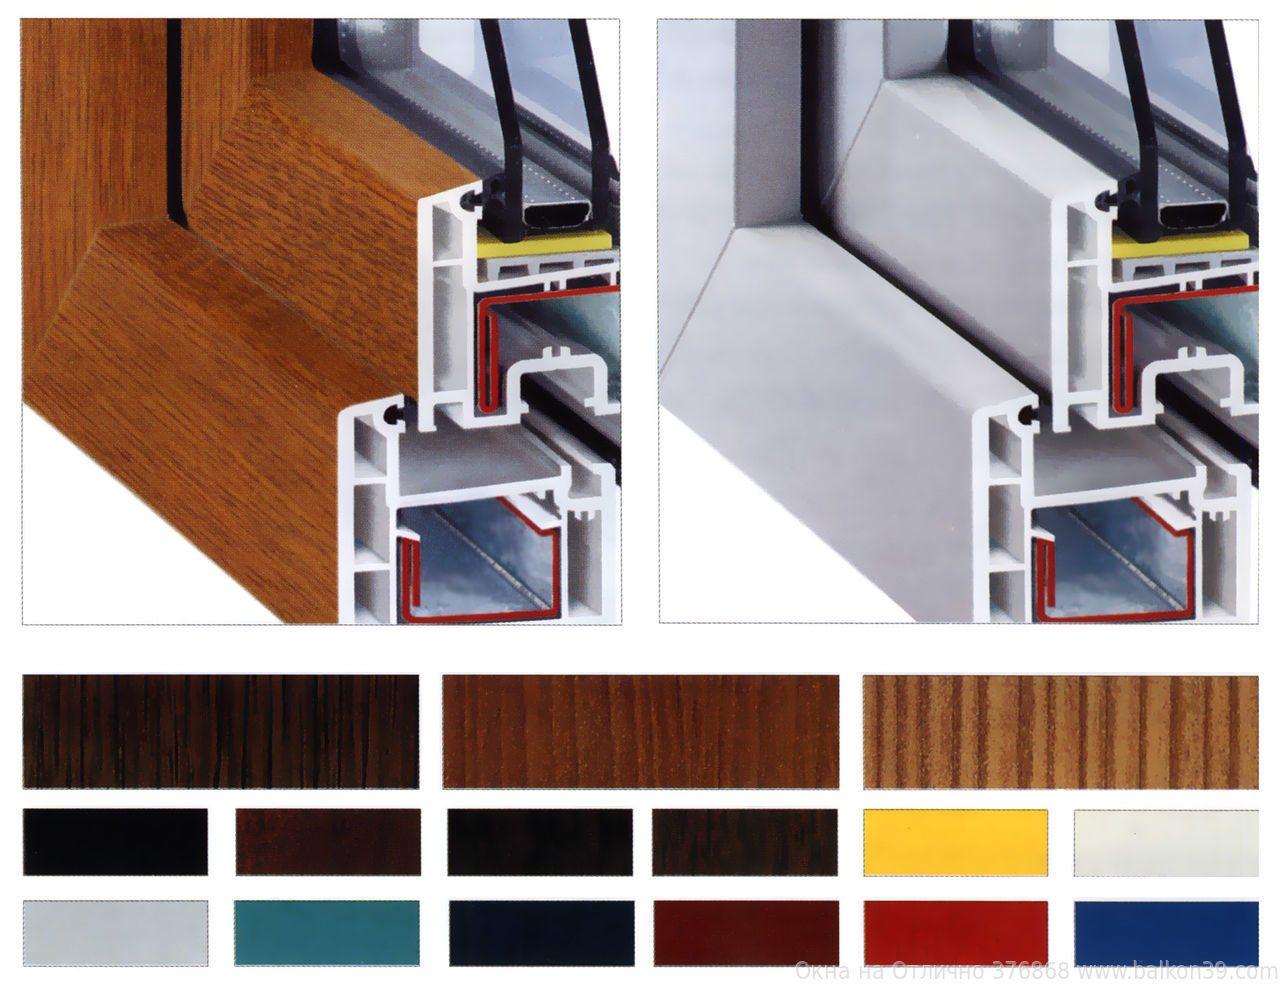 Современные технологии позволяют окрашивать конструкции в разные цвета